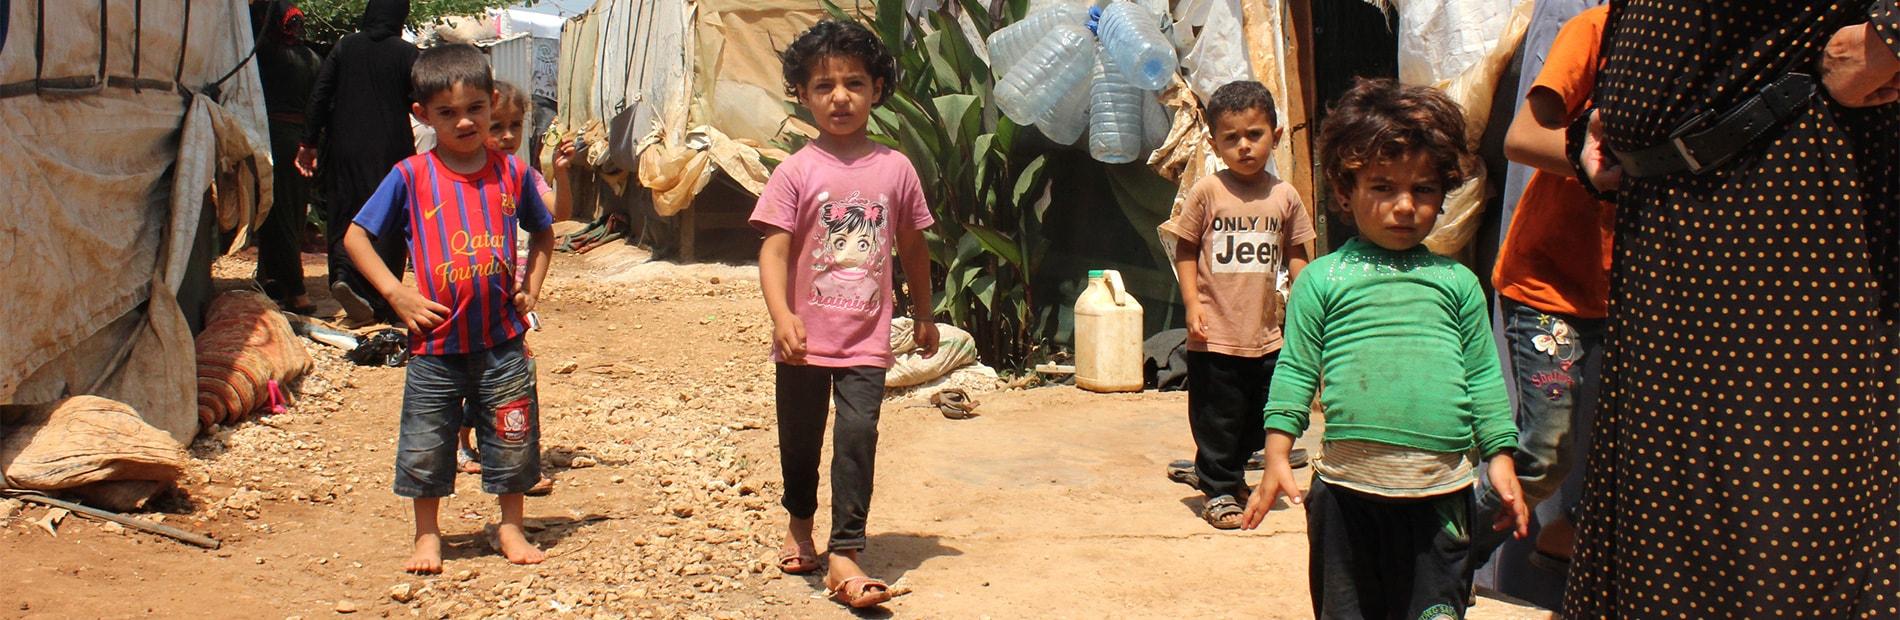 enfant syriens camp de réfugiés au Liban